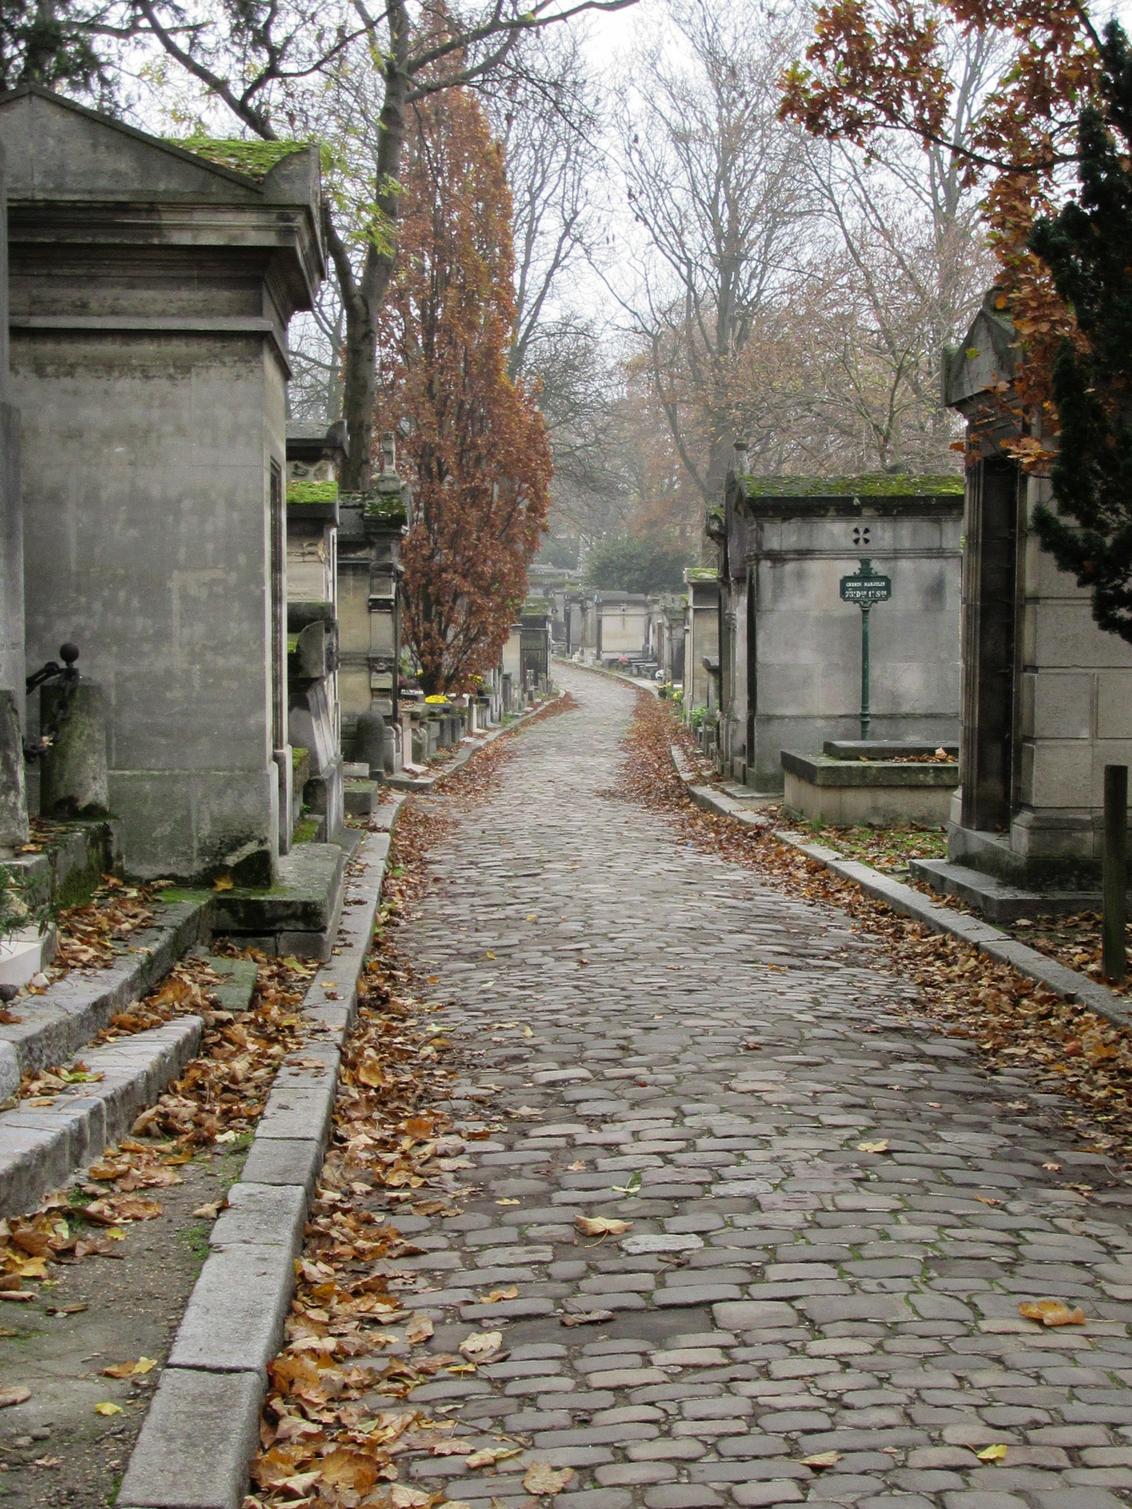 Kerkhof Parijs - - - foto door lisah98 op 24-11-2020 - deze foto bevat: uitzicht, natuur, trein, reizen, landschap, museum, wandelen, eiffeltoren, straatfotografie, toerisme, reisfotografie, europa